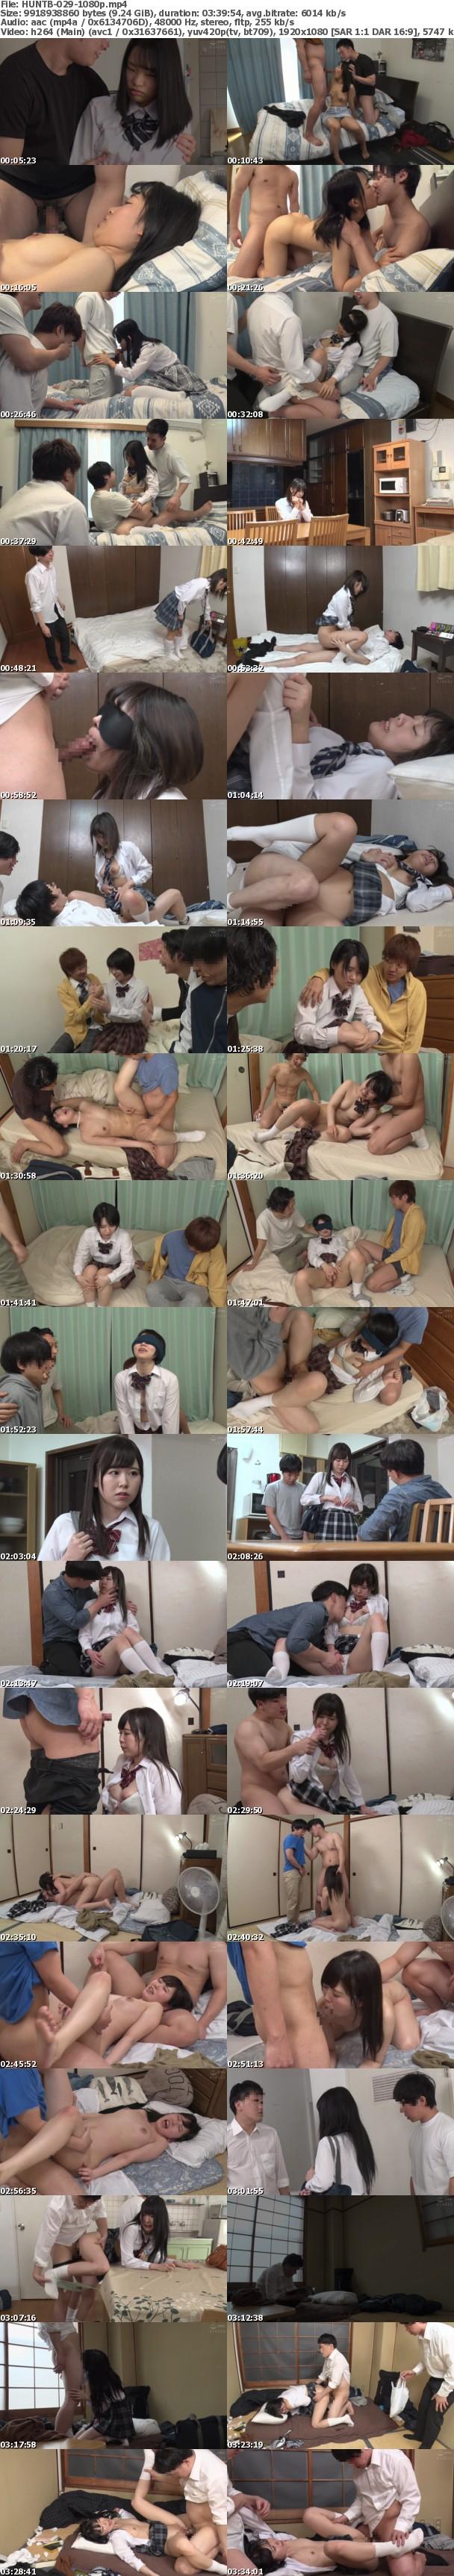 (Full HD) HUNTB-029 『私はどうなってもいい…だからお兄ちゃんをいじめないで下さい』『いいけどその代わり3日間セックスさせろ!』兄には内緒で提案を受け入れる妹。